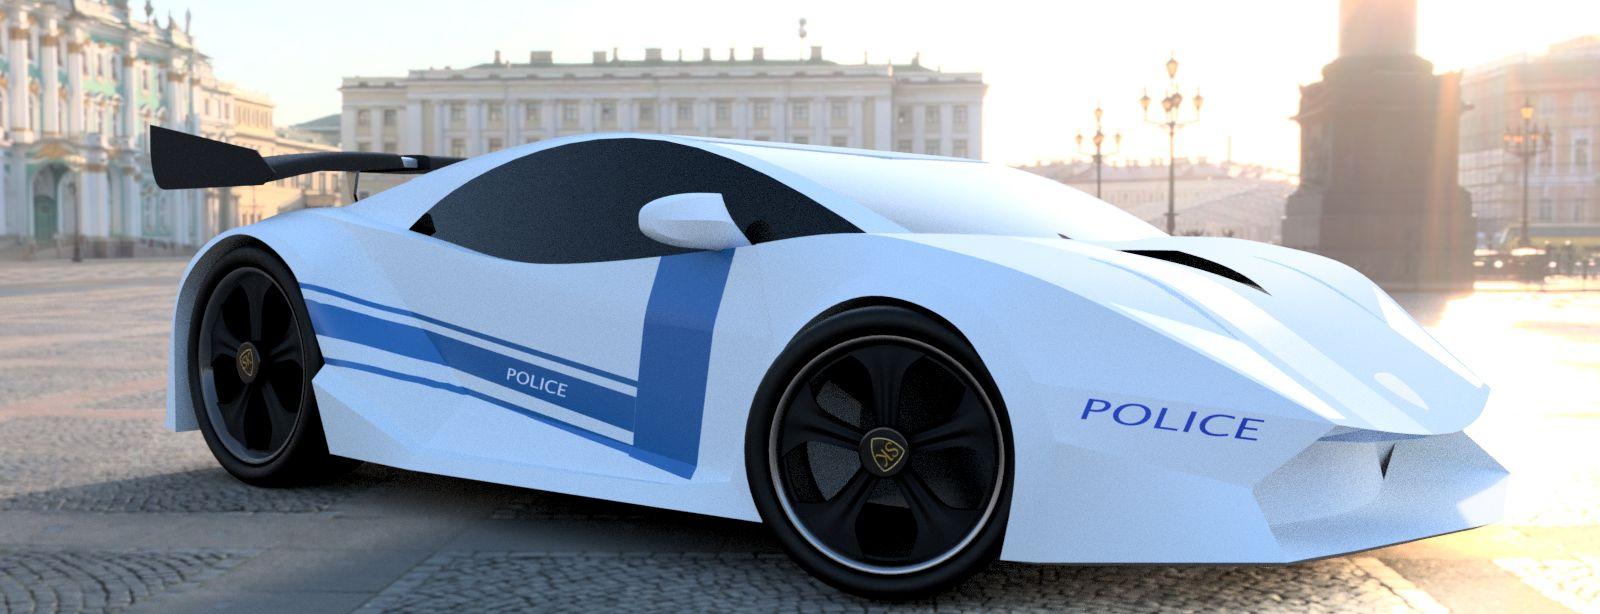 Concept-car-2-v24-3500-3500